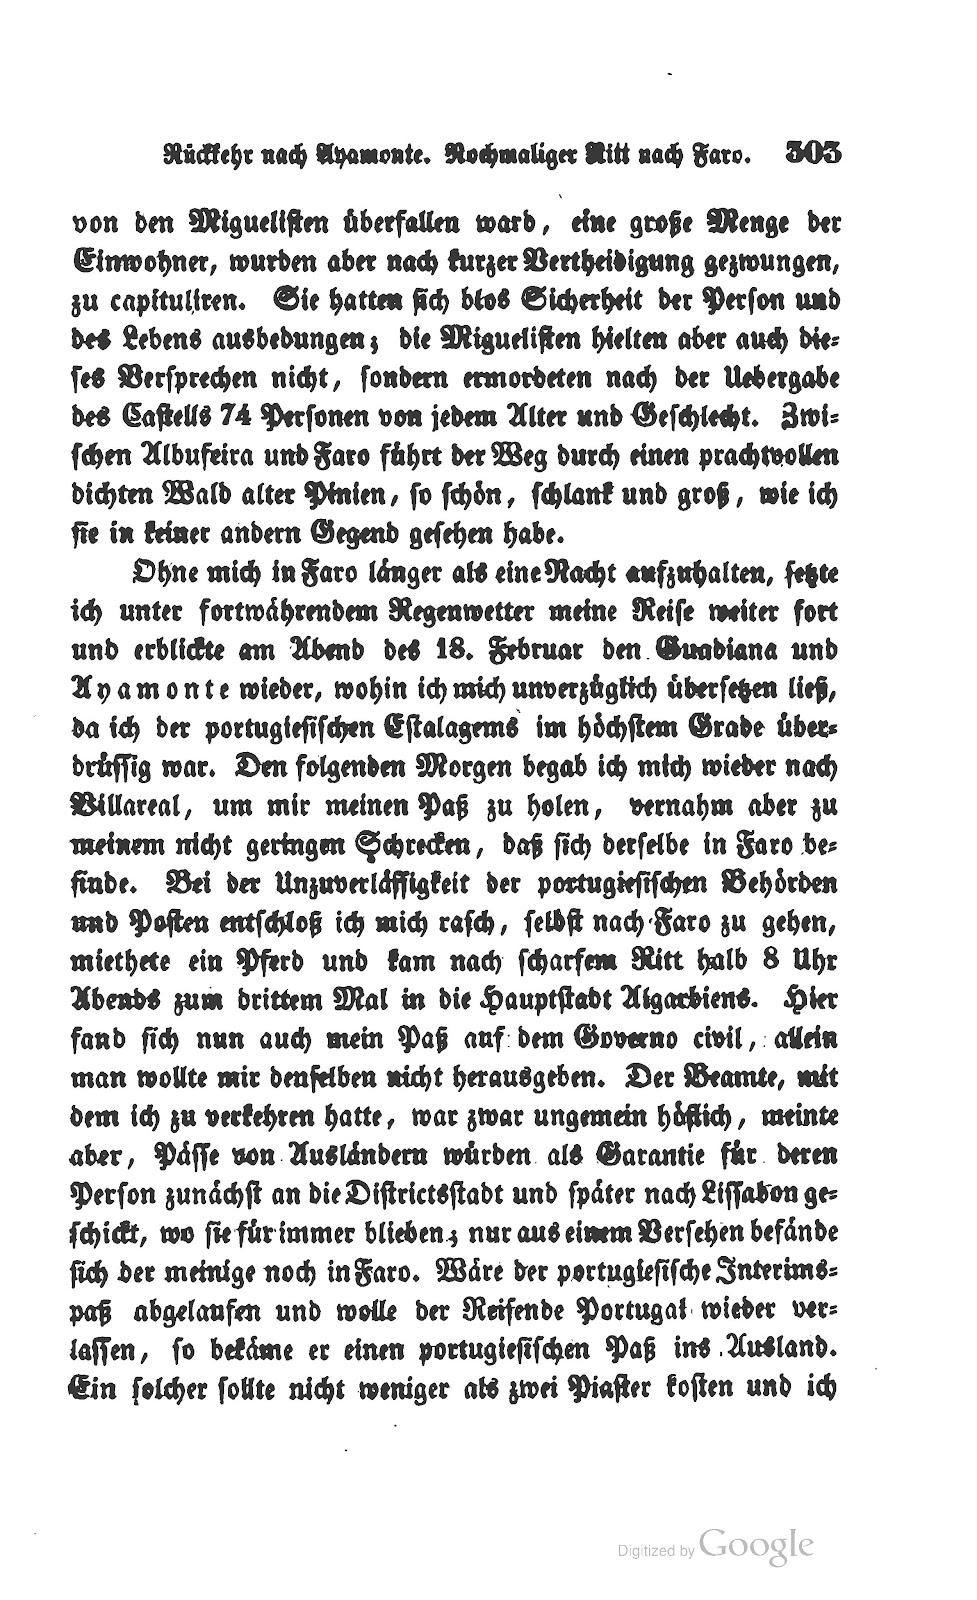 WIllkomm - 10. Kapitel Pages from Zwei_Jahre_in_Spanien_und_Portugal(3)_Page_45.jpg